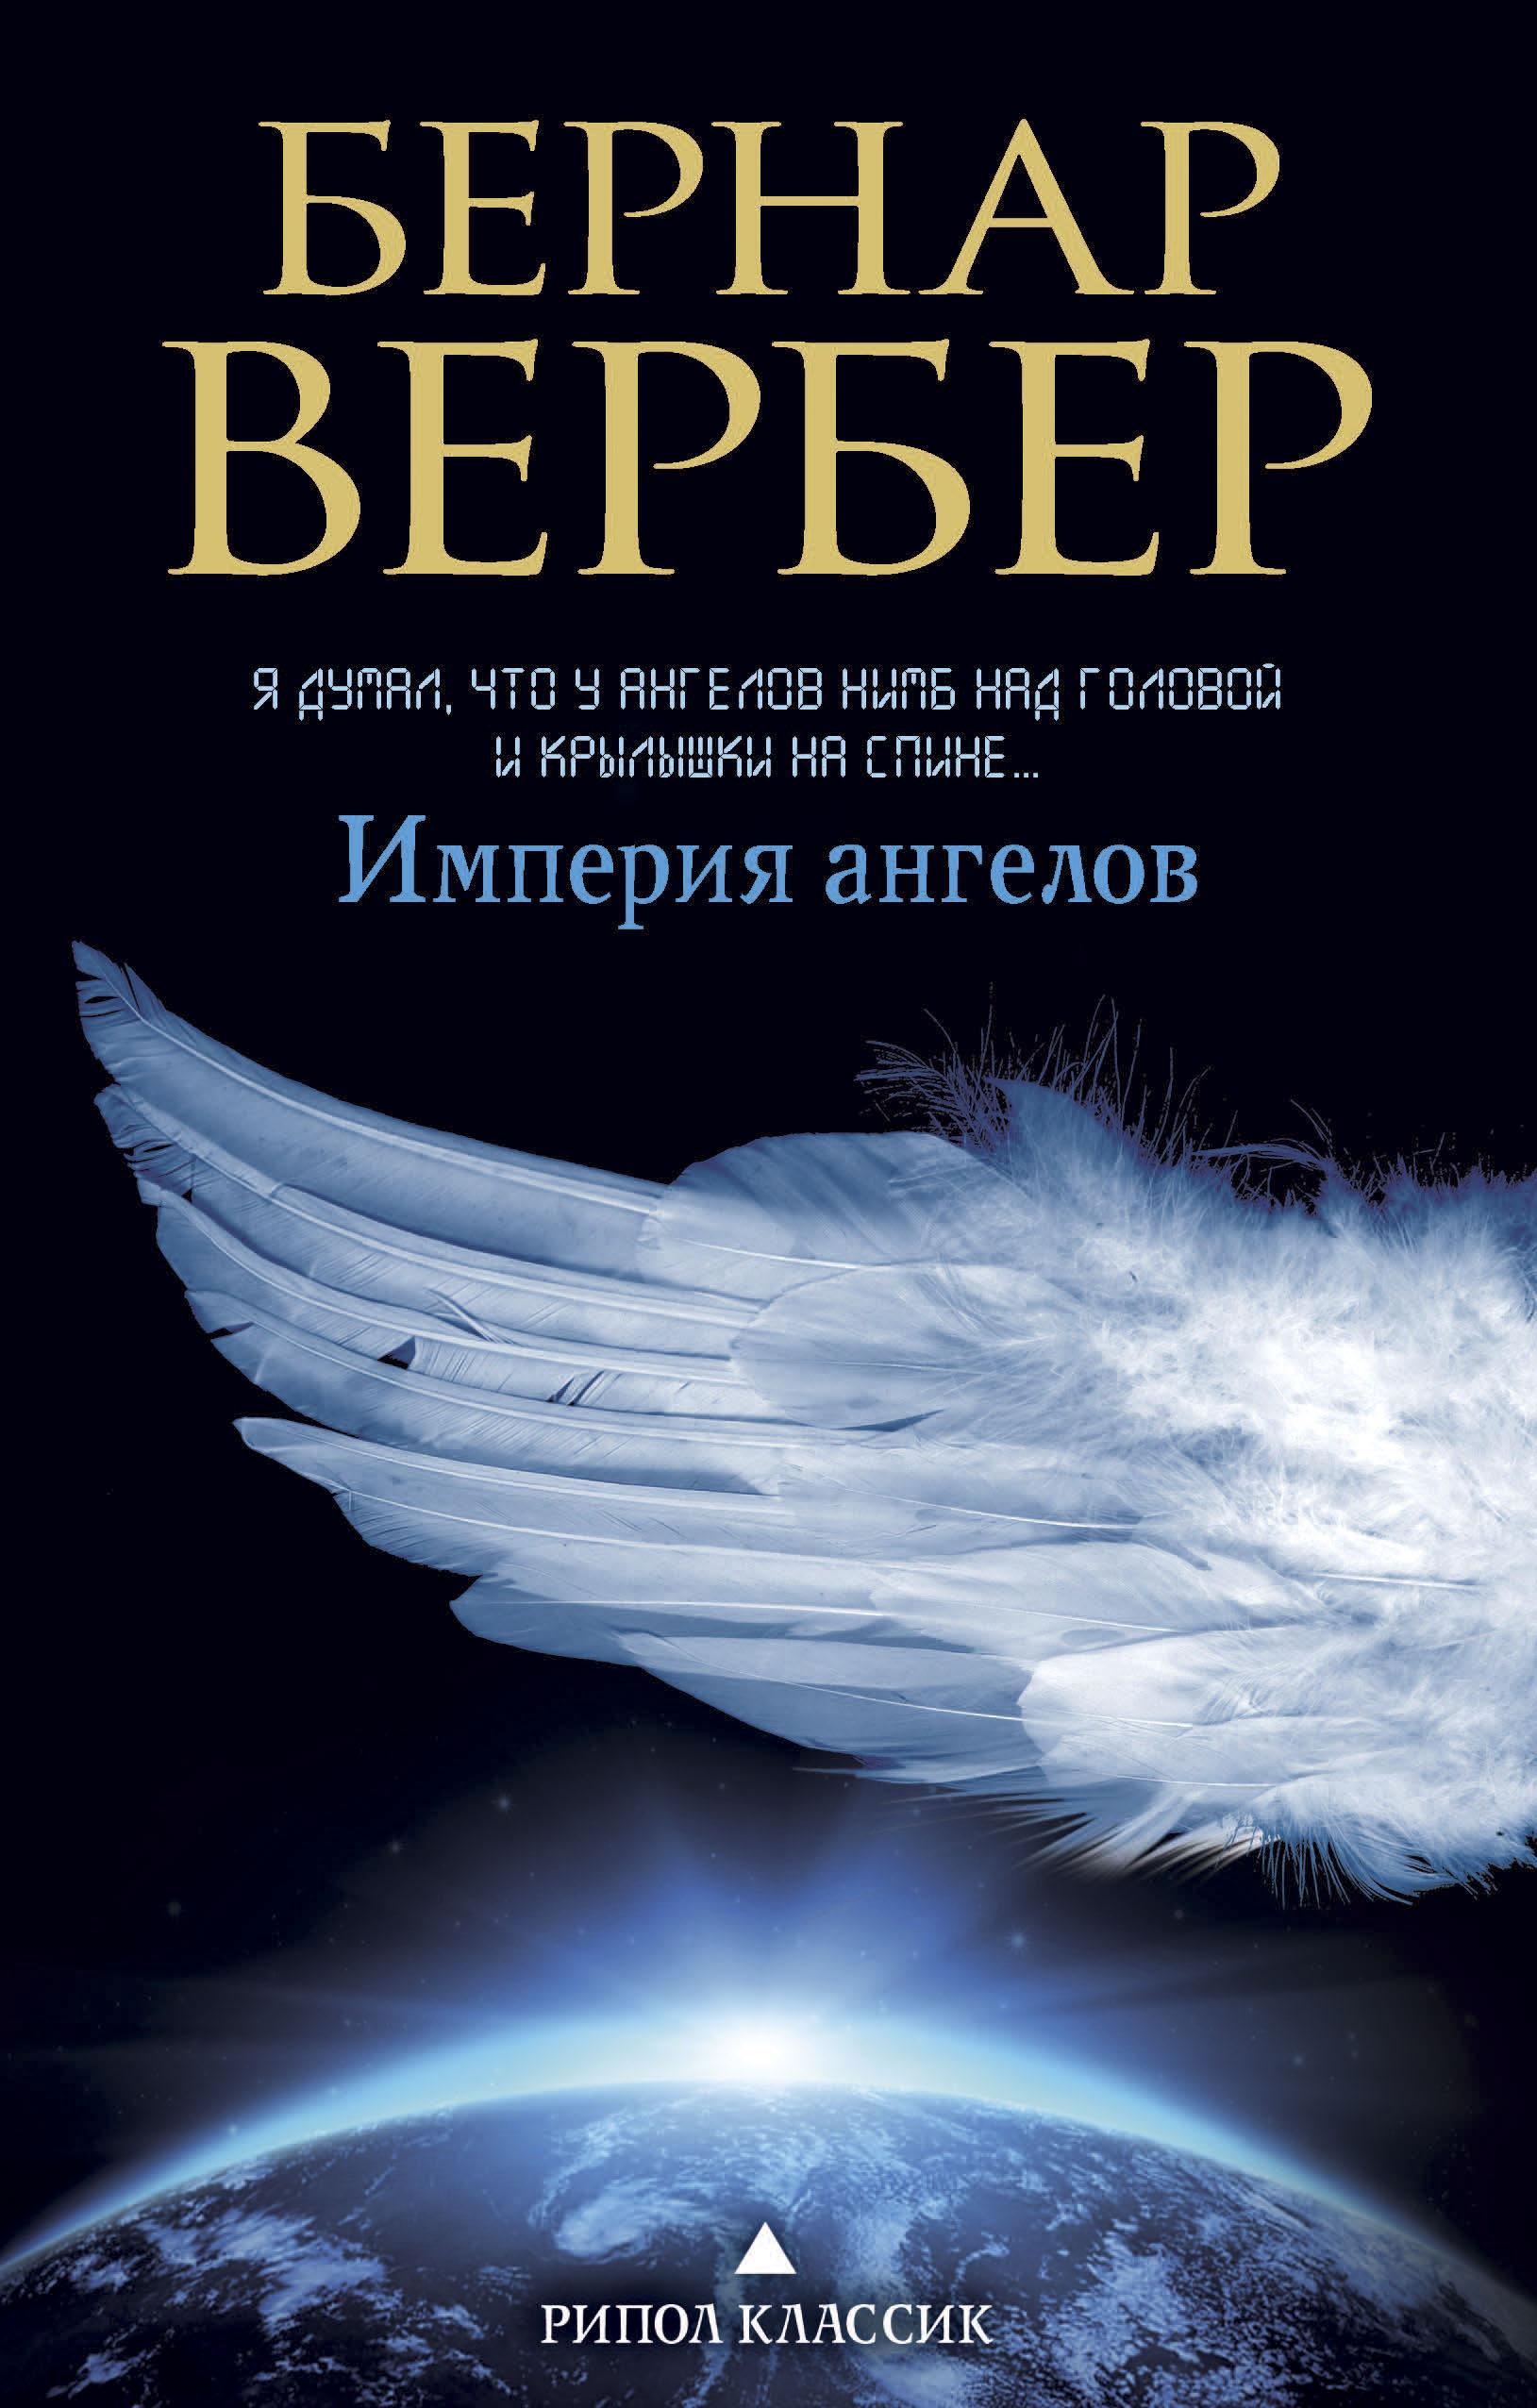 Бернар Вербер Империя ангелов